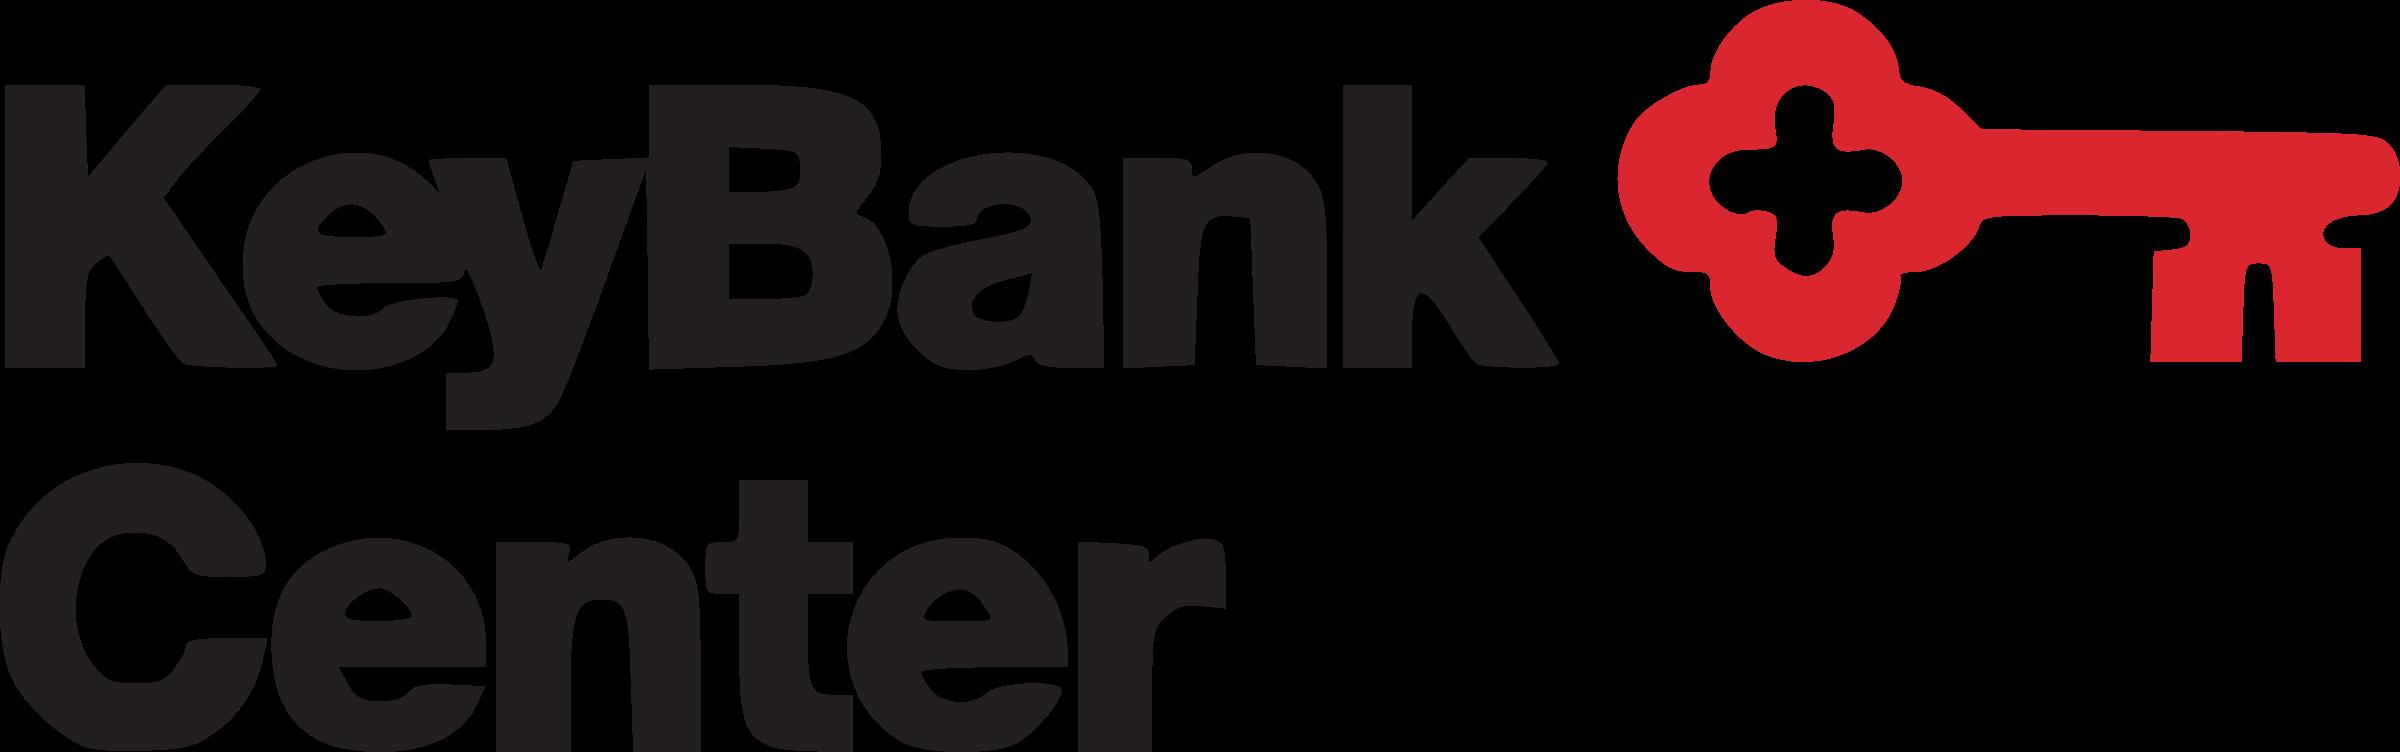 Keybank Center Logo PNG Transparent & SVG Vector - Freebie